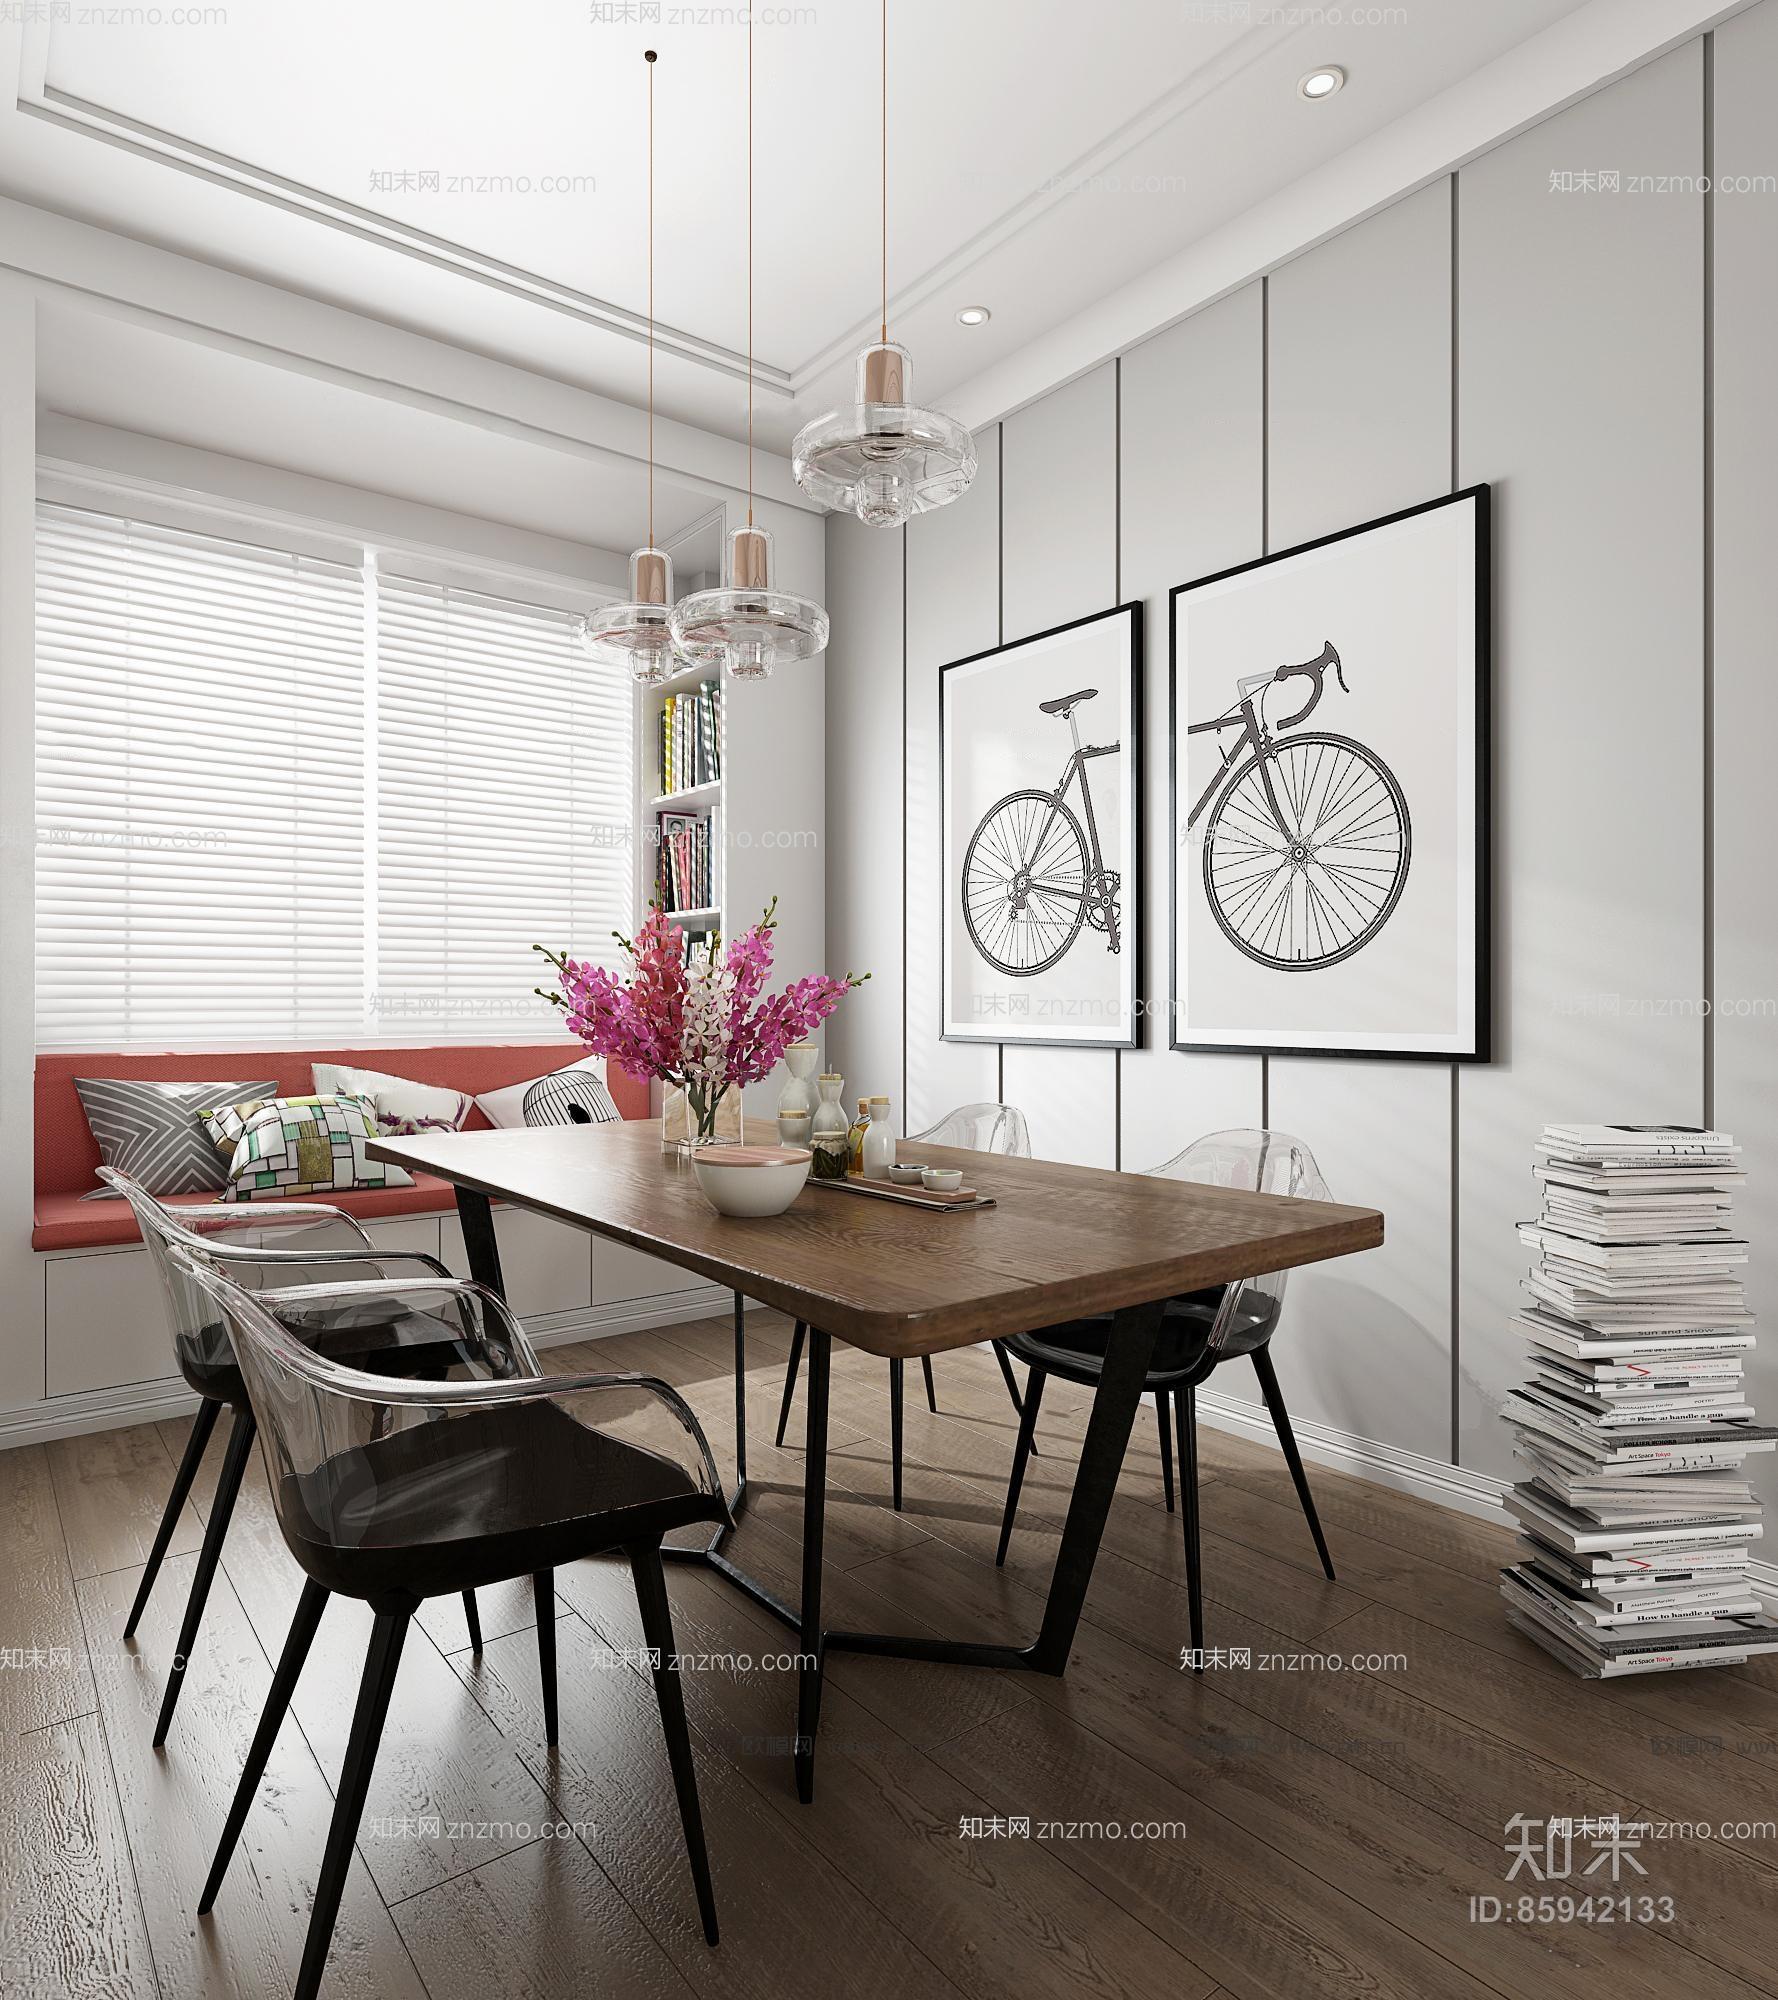 现代北欧客厅餐厅 沙发茶几 餐桌椅 吊灯 休闲椅 挂画 装饰墙 飘窗